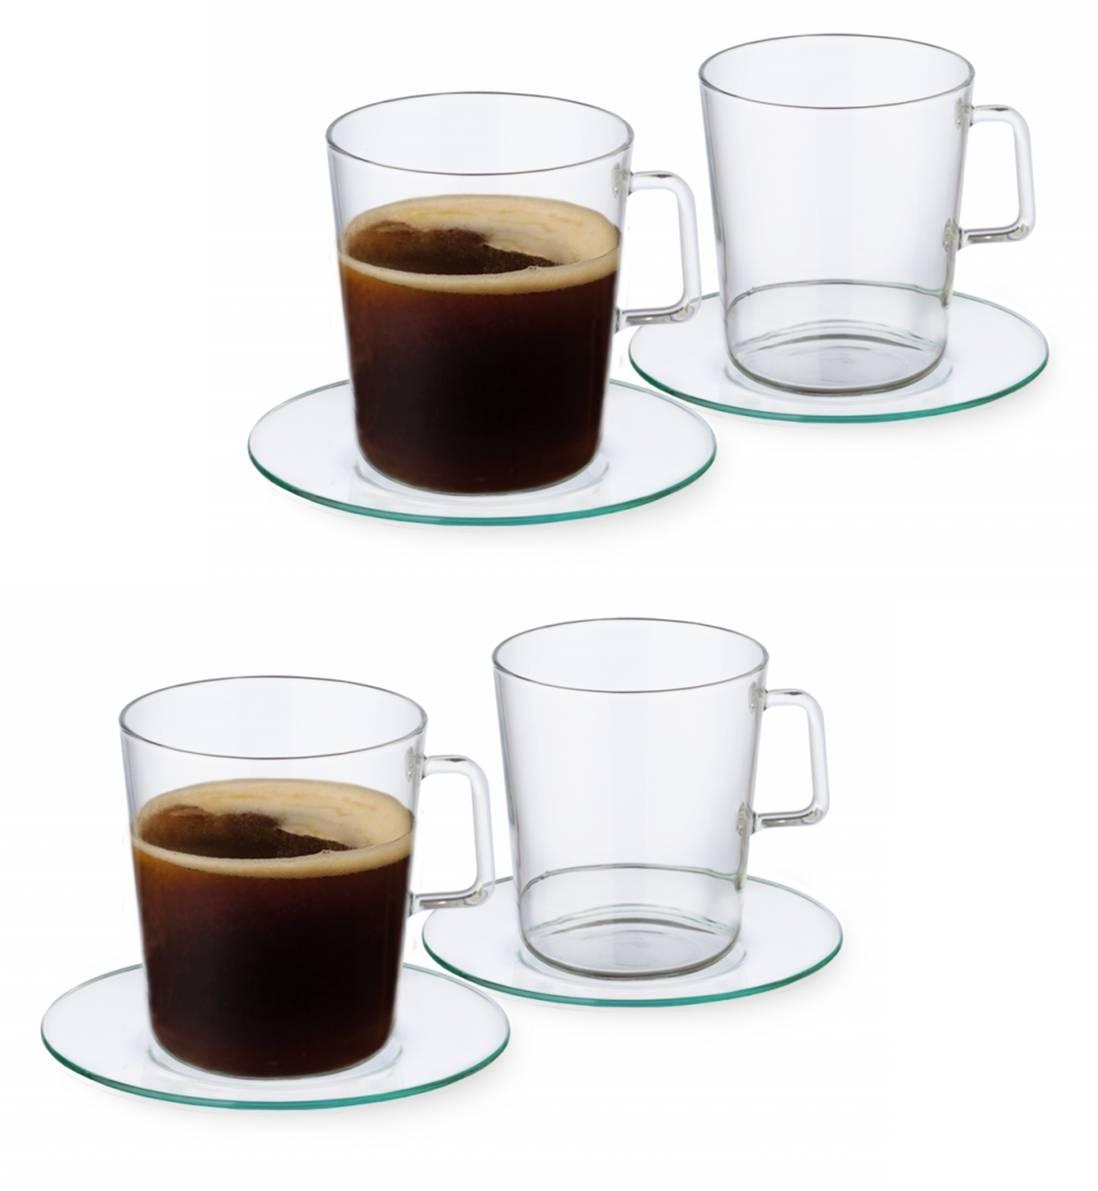 haushaltswaren 8tlg set teetassen kaffeetassen von simax. Black Bedroom Furniture Sets. Home Design Ideas